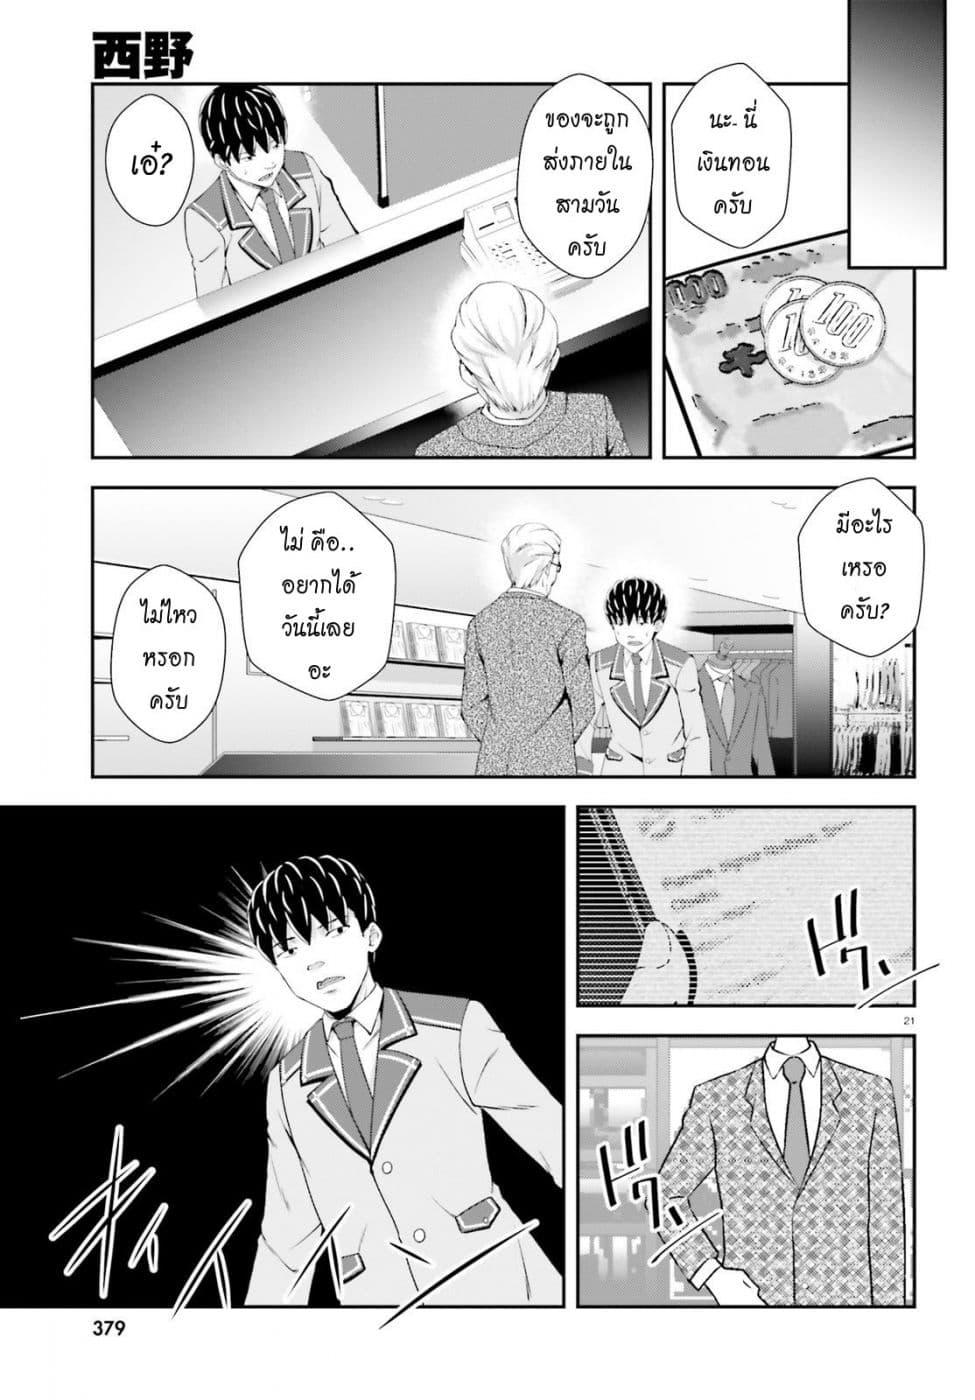 อ่านการ์ตูน Nishino Gakunai Caste Saikai Ni Shite Ino Sekai Saikyo No Shonen ตอนที่ 6 หน้าที่ 18